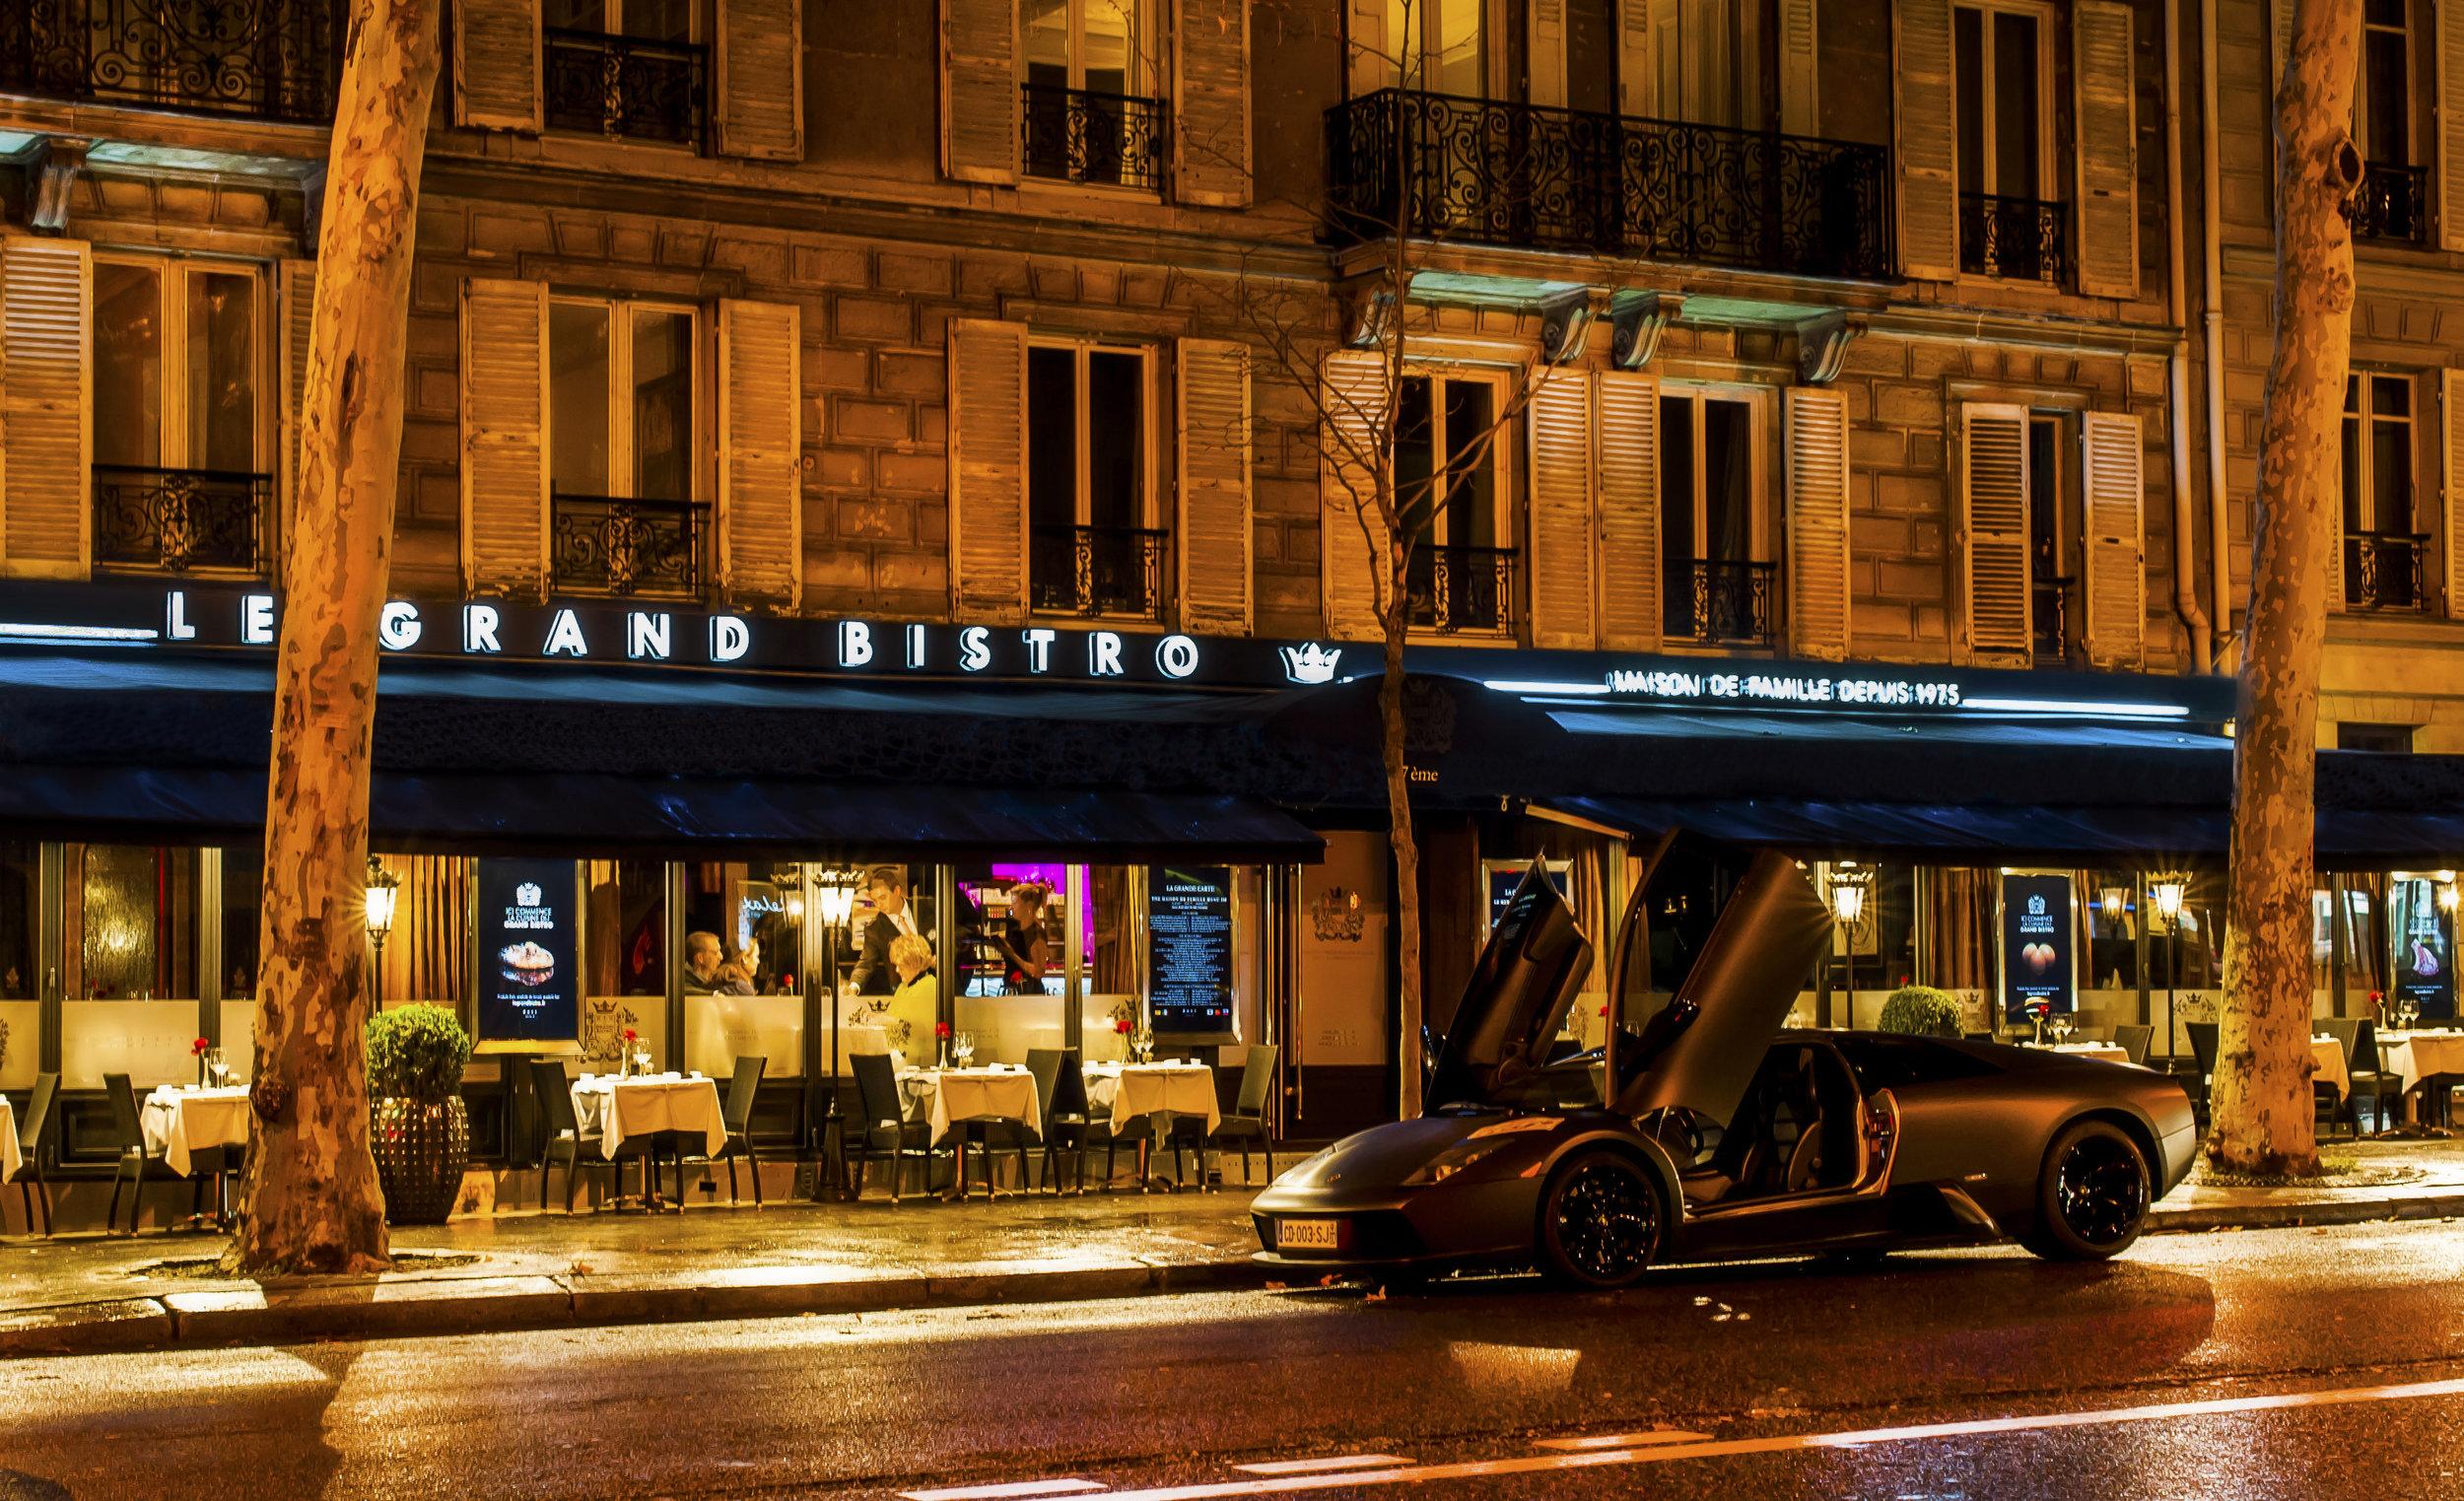 Local recommendation Le Grand Bistro - fantastic food and service (image via http://www.legrandbistro.fr/)